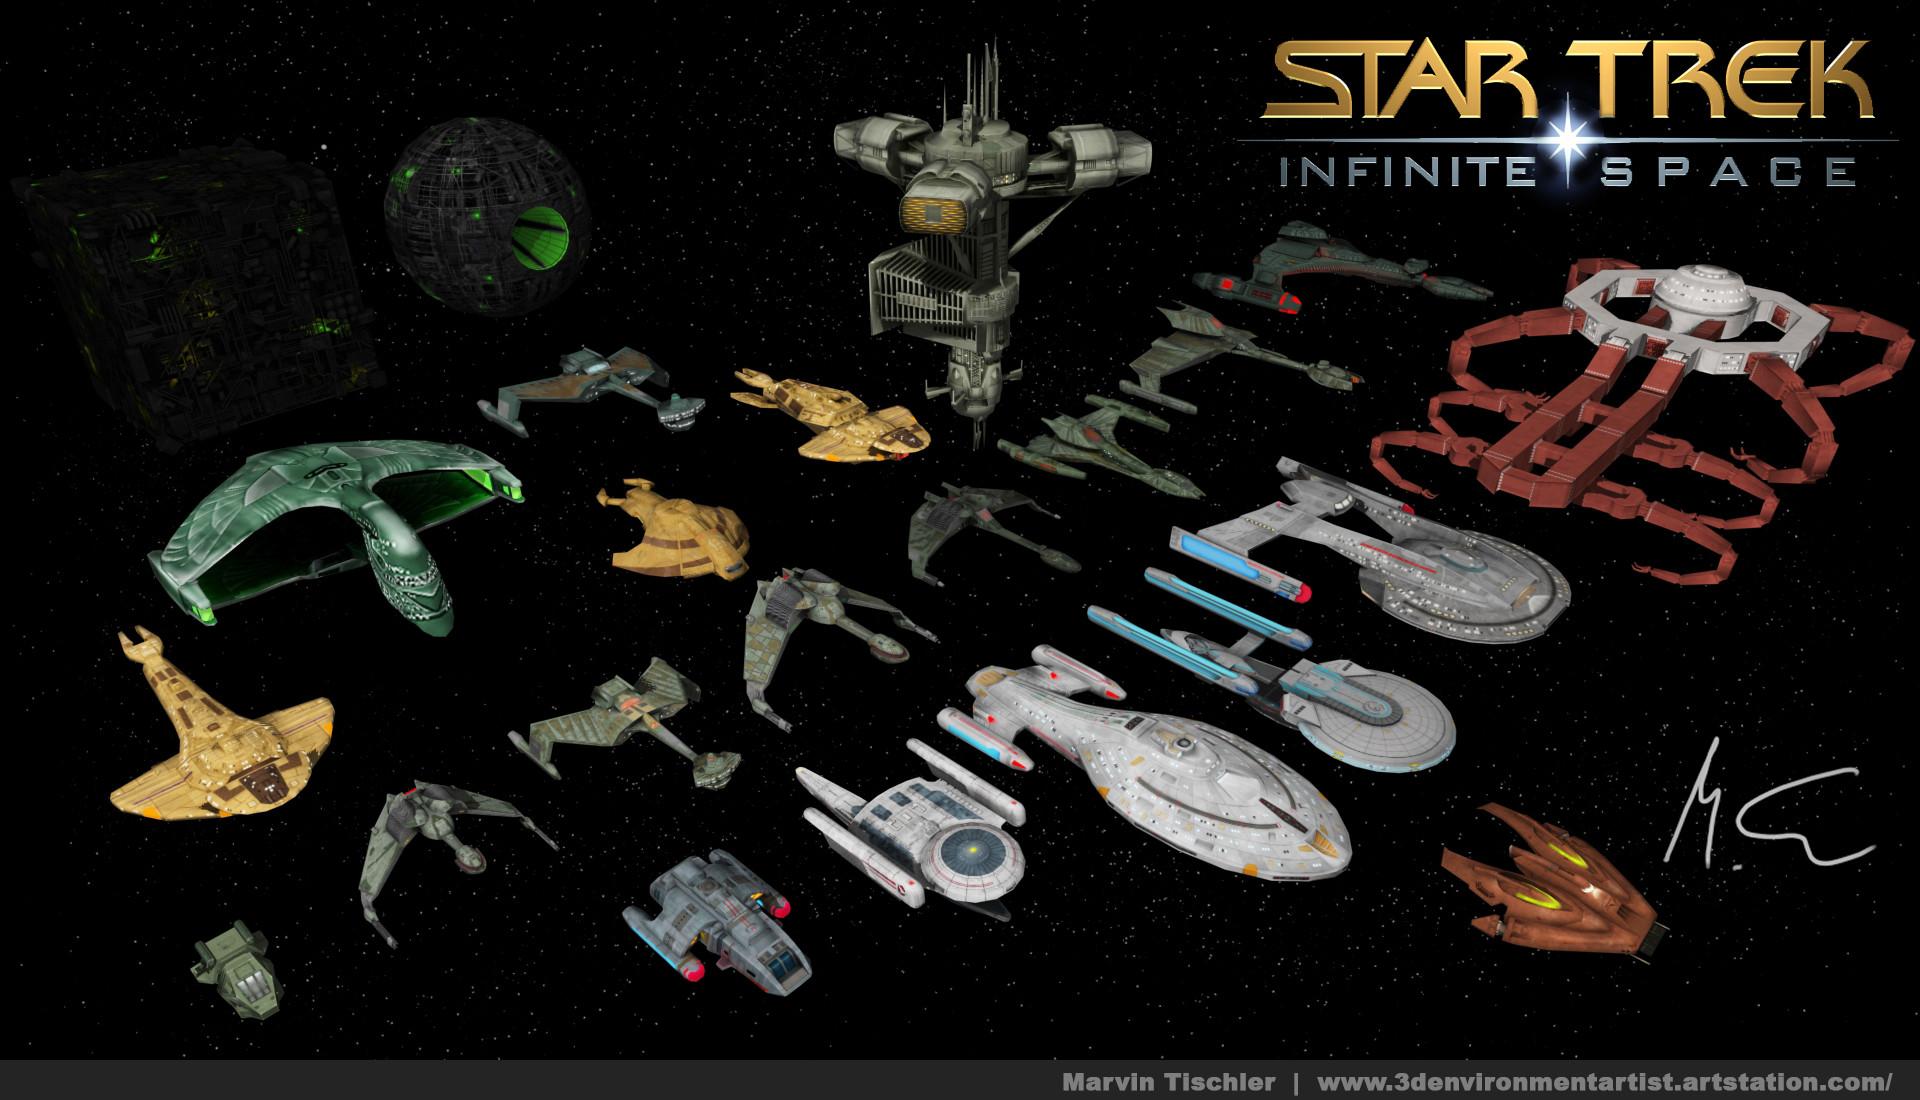 Marvin tischler startrek infinitespace 001 a